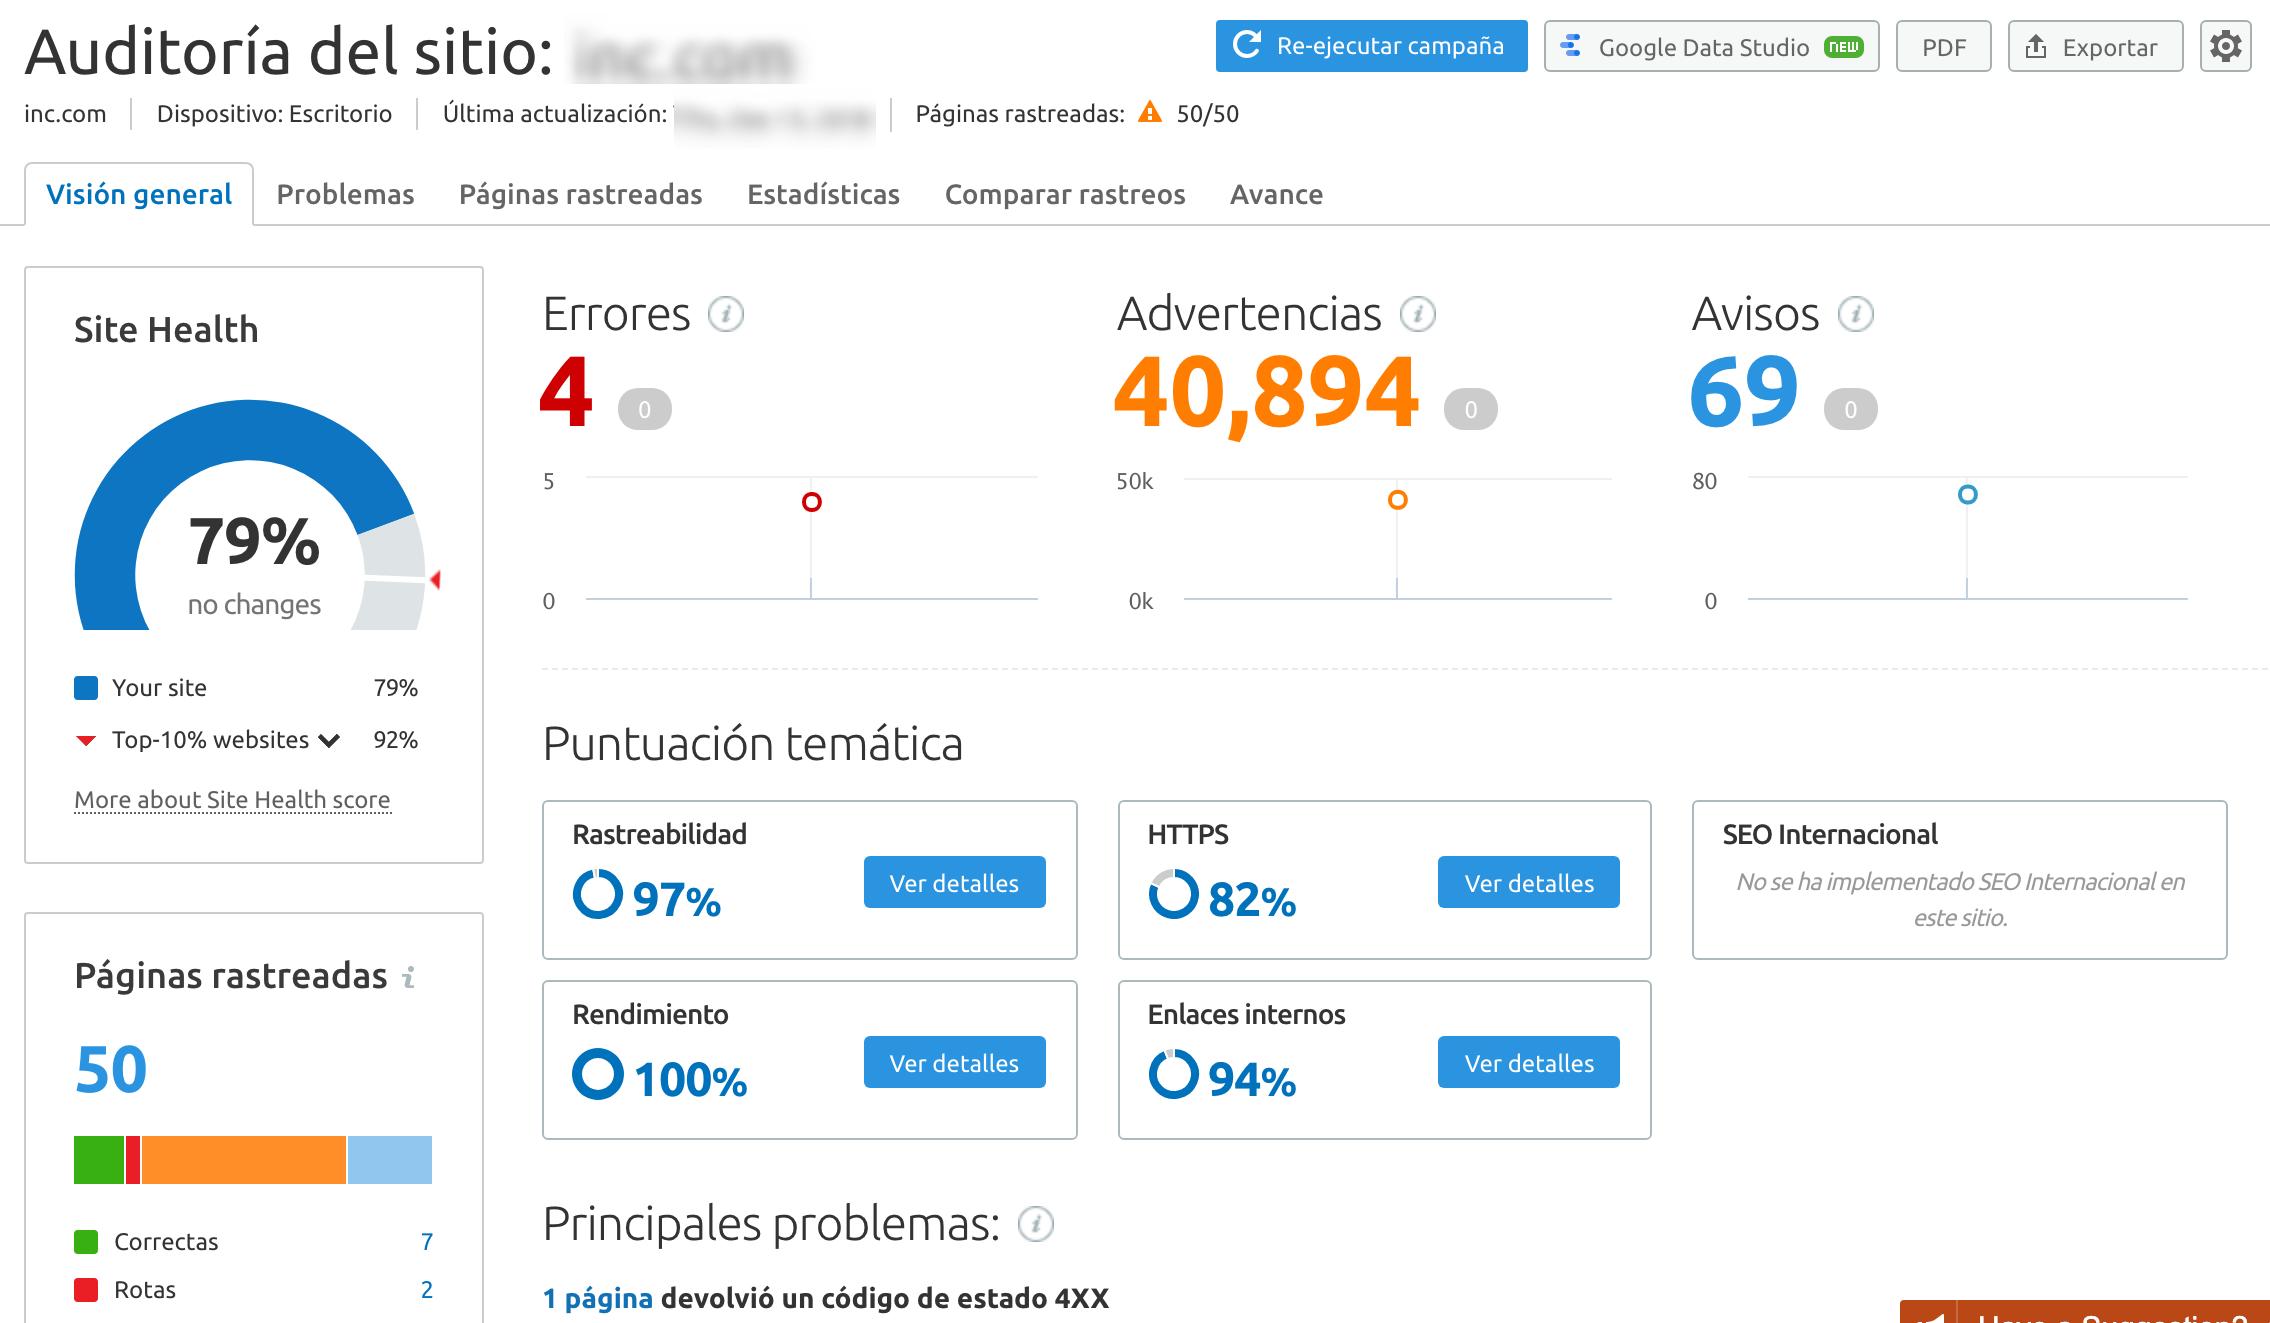 Site Audit Report Screenshot